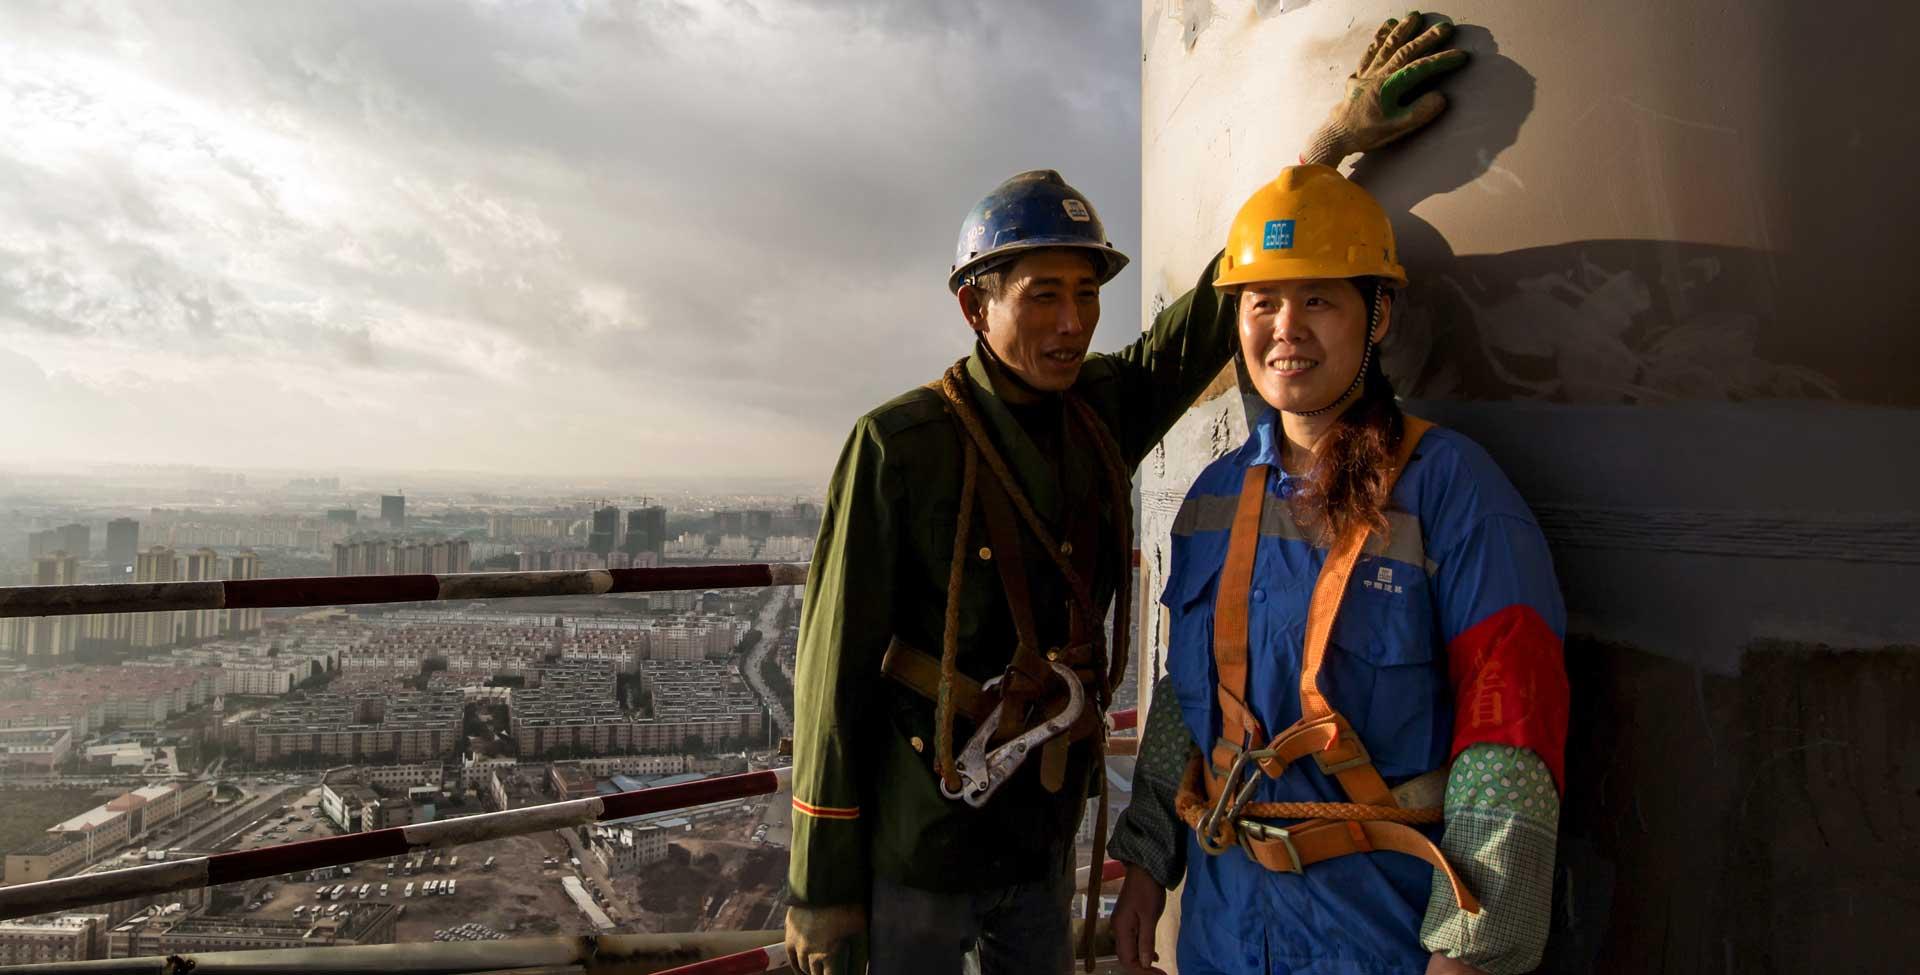 建築工地上的愛情 城市建設者的暖心瞬間